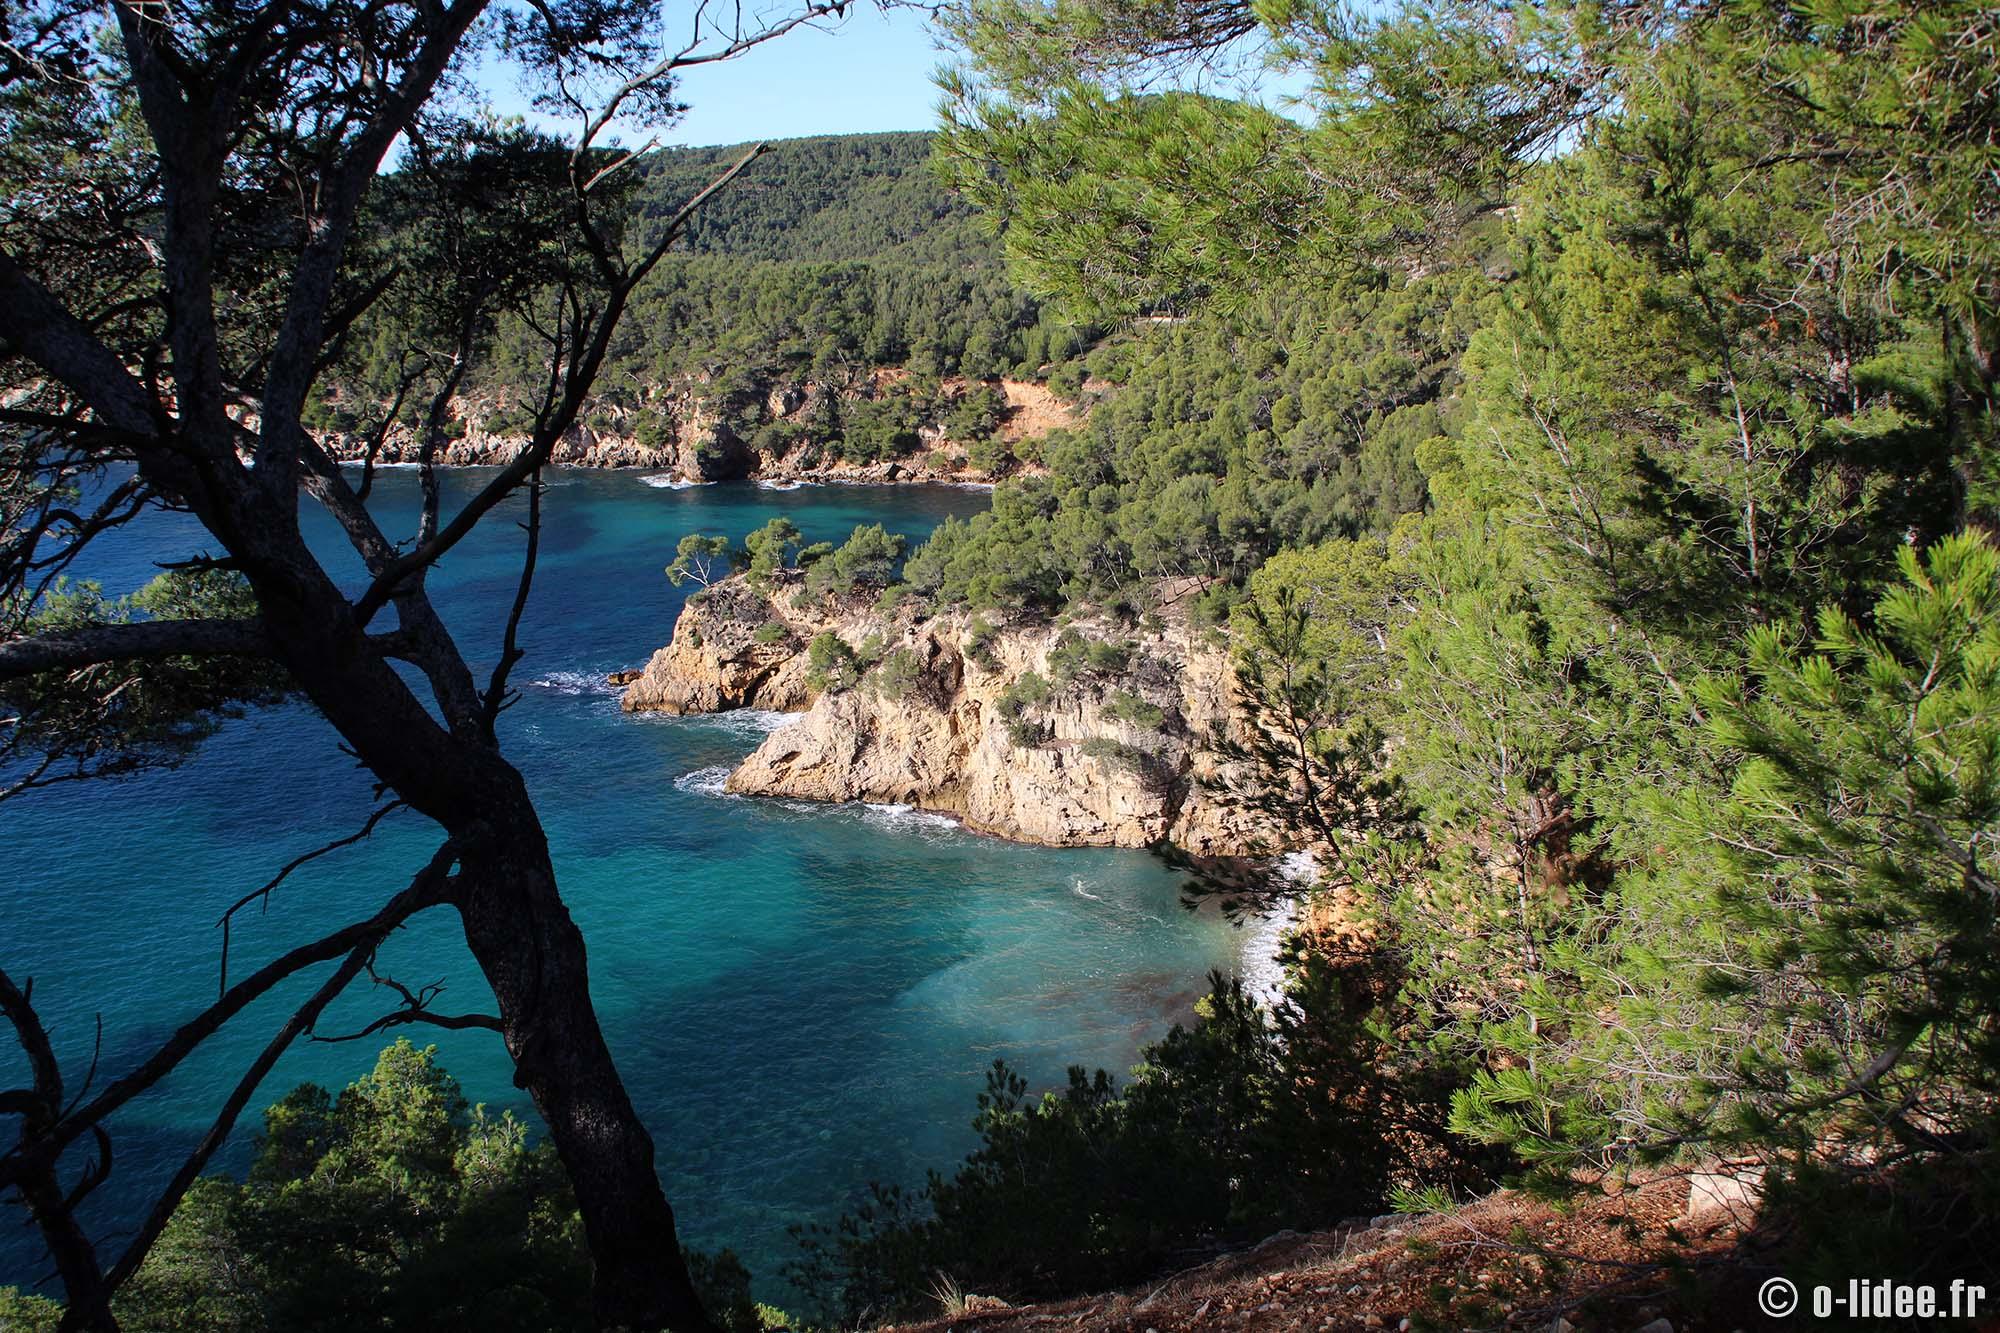 Balades dans le Var et en Provence : idées visites et randonnées | Ô l'idée